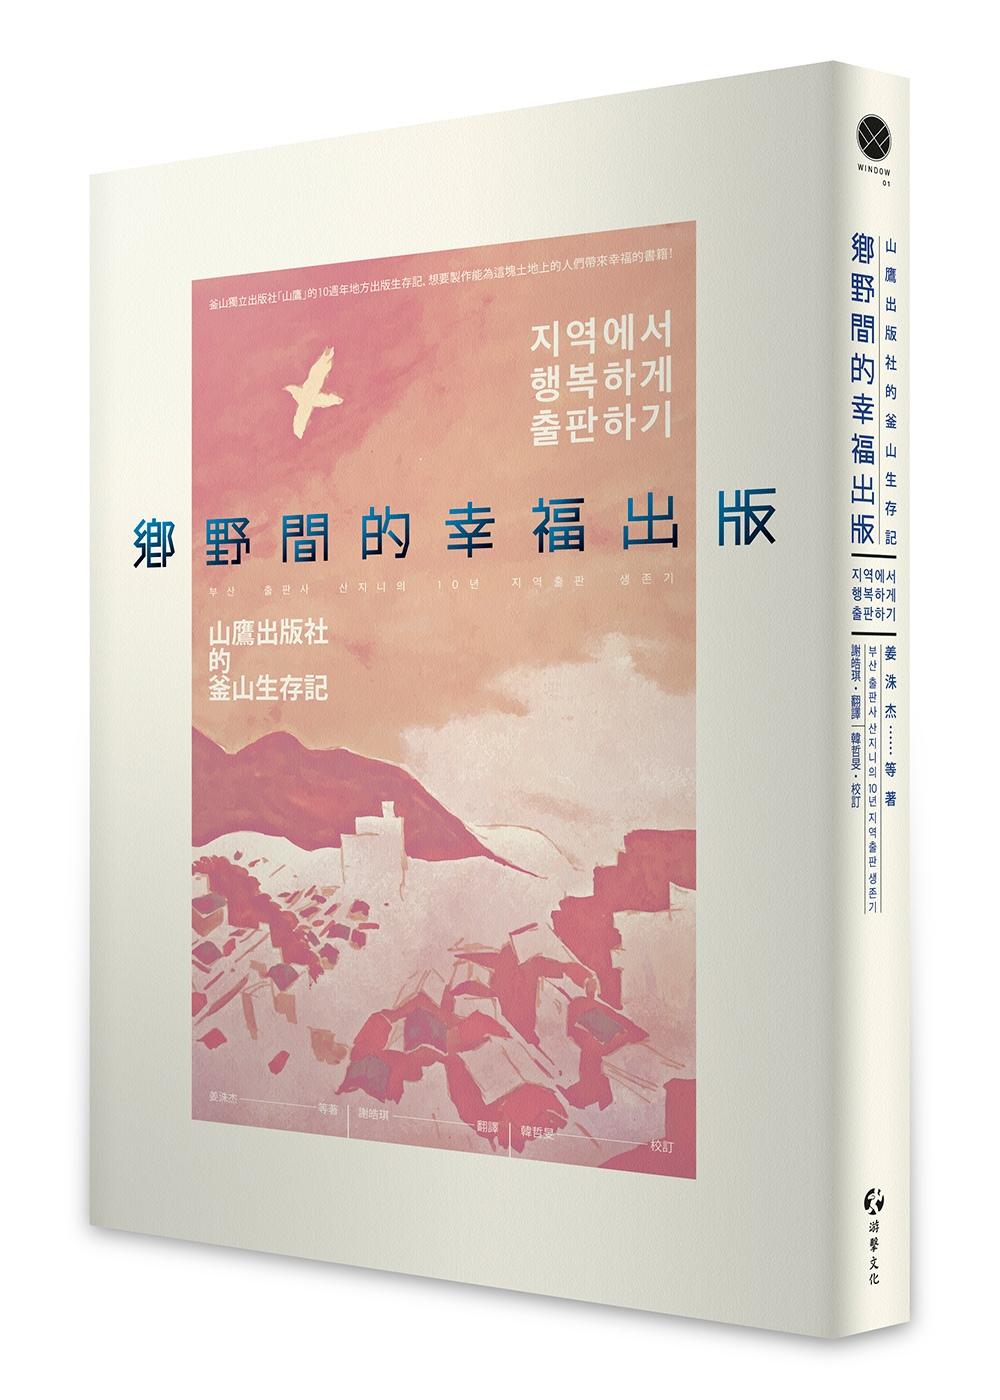 鄉野間的幸福出版:山鷹出版社的釜山生存記